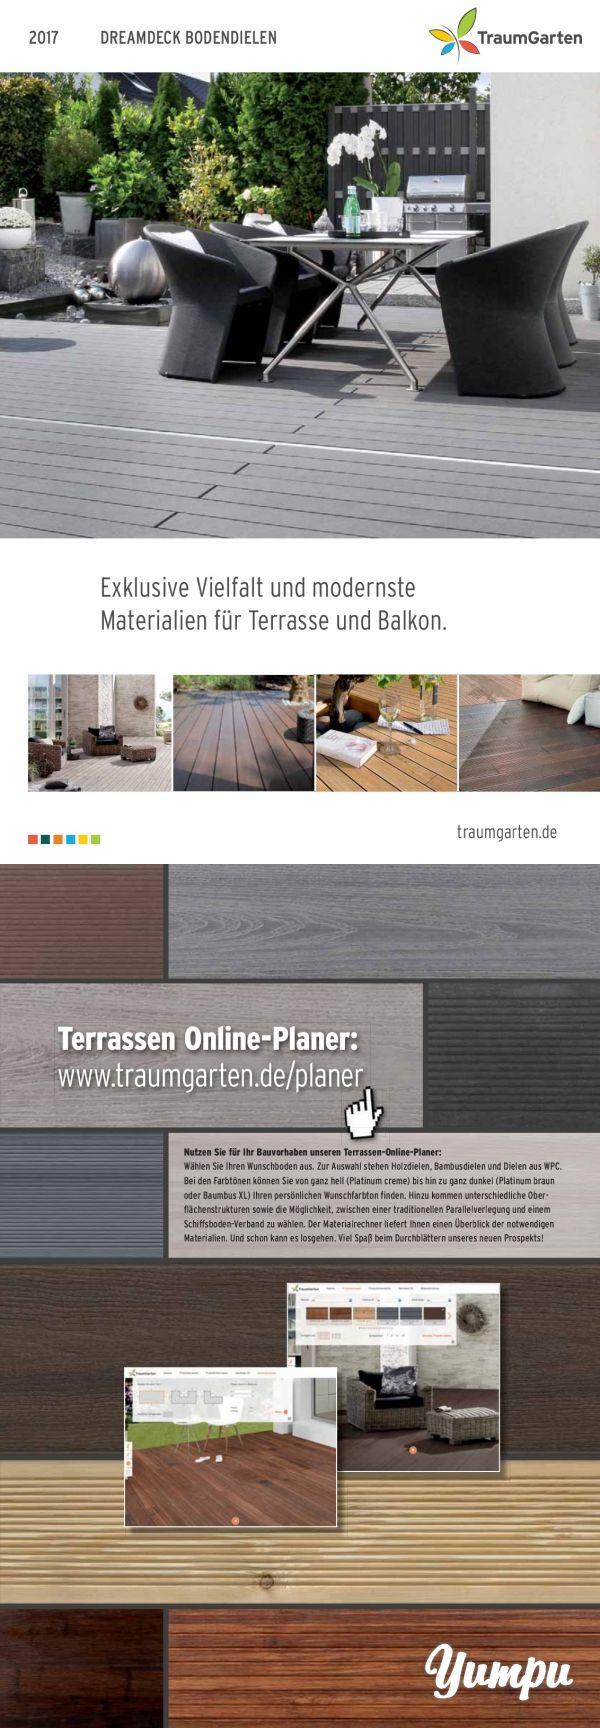 Traumgarten Trendige Bodenbeläge für Ihre Terrasse oder Balkon